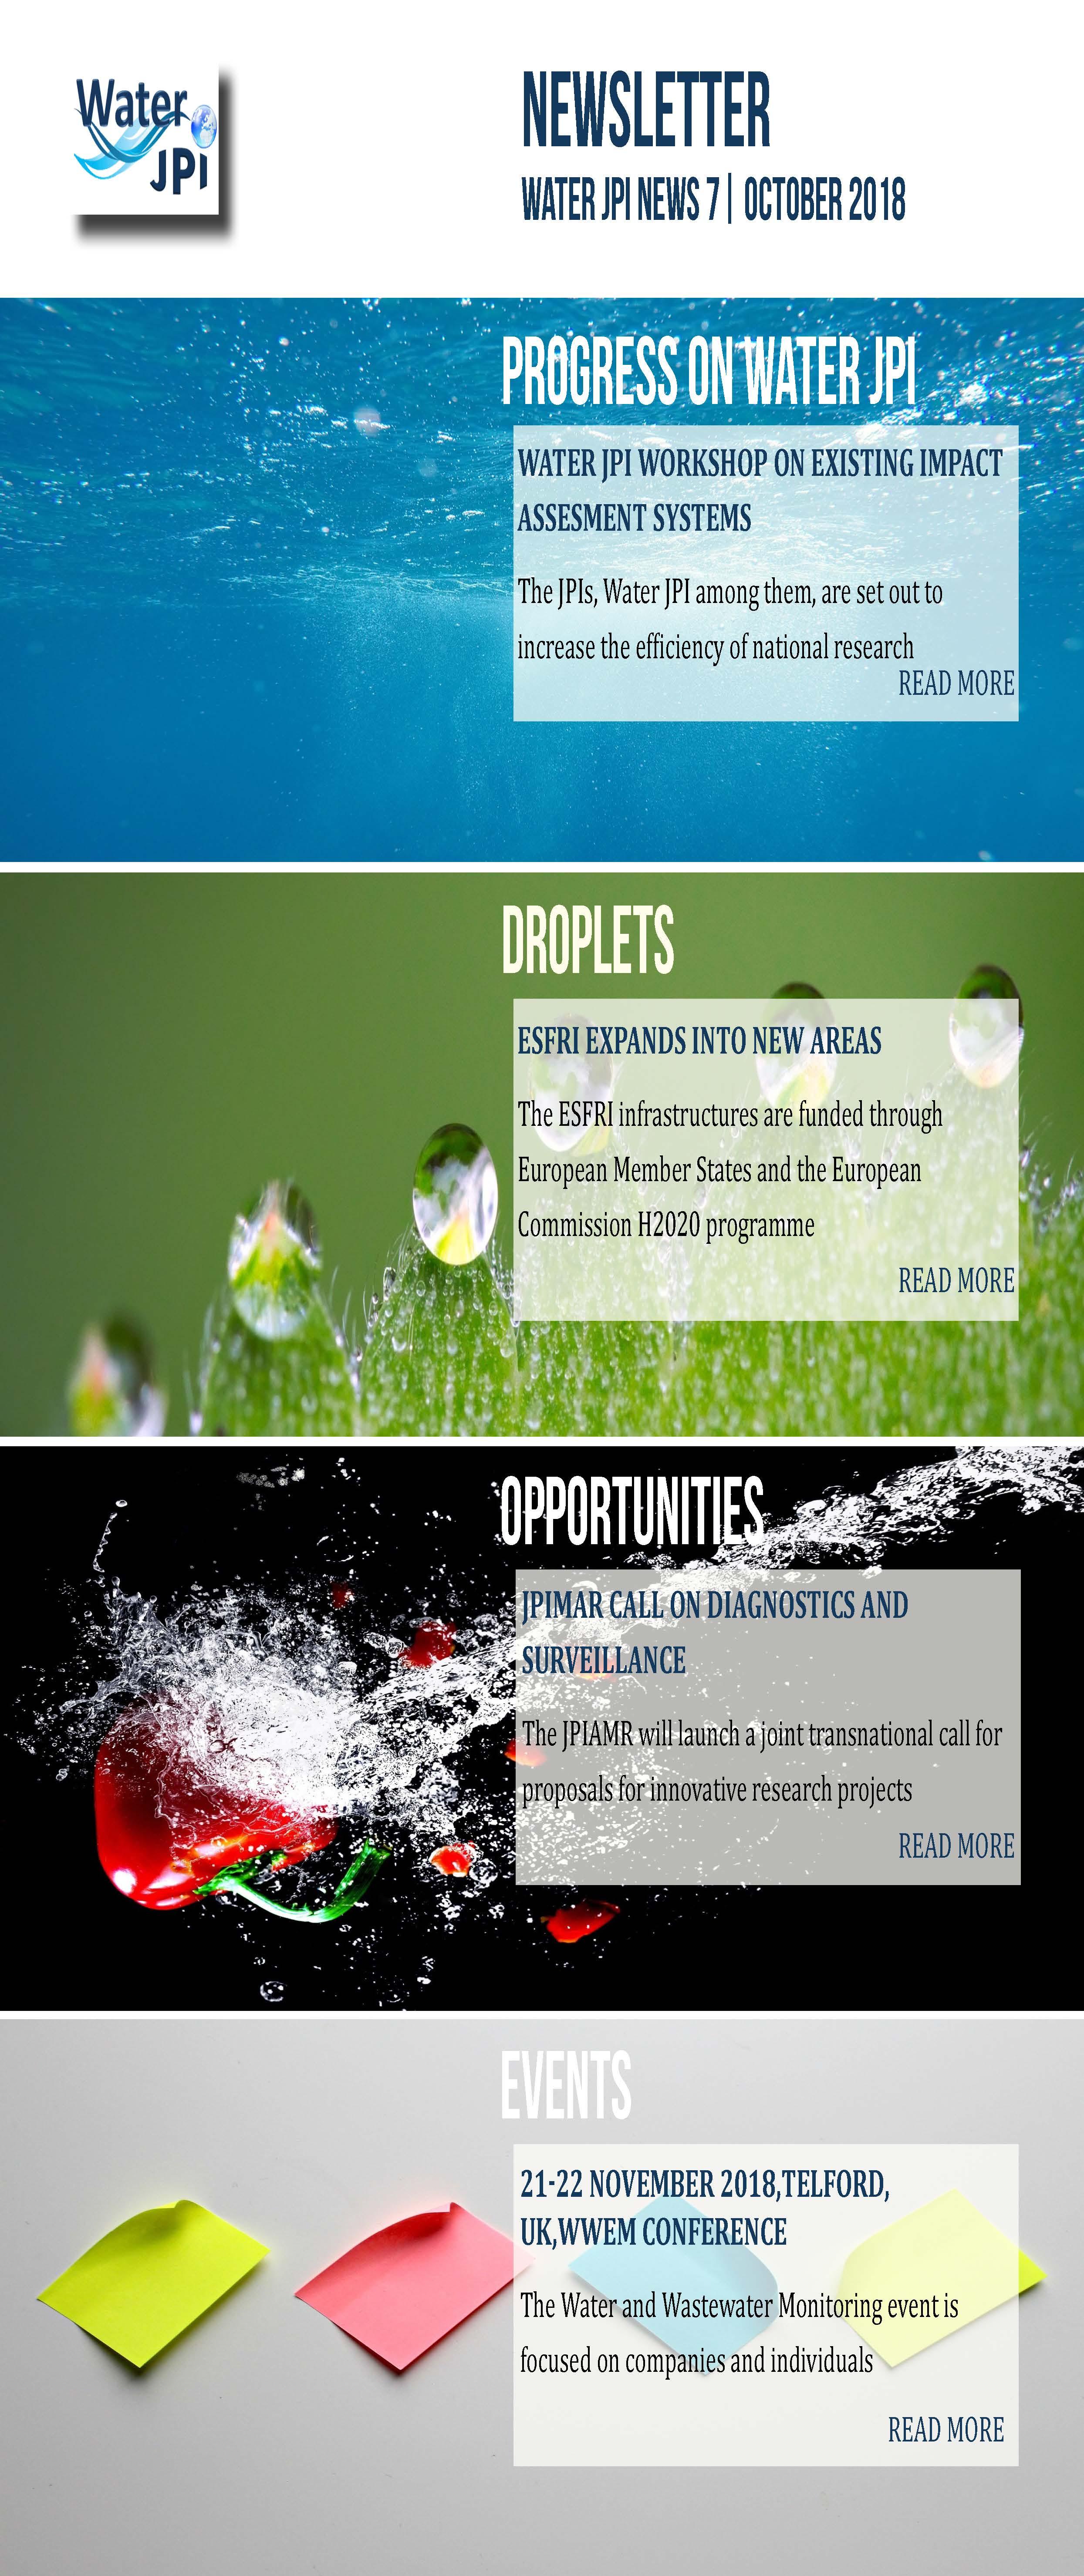 WaterJPI_Newsletter_2018_07.jpg